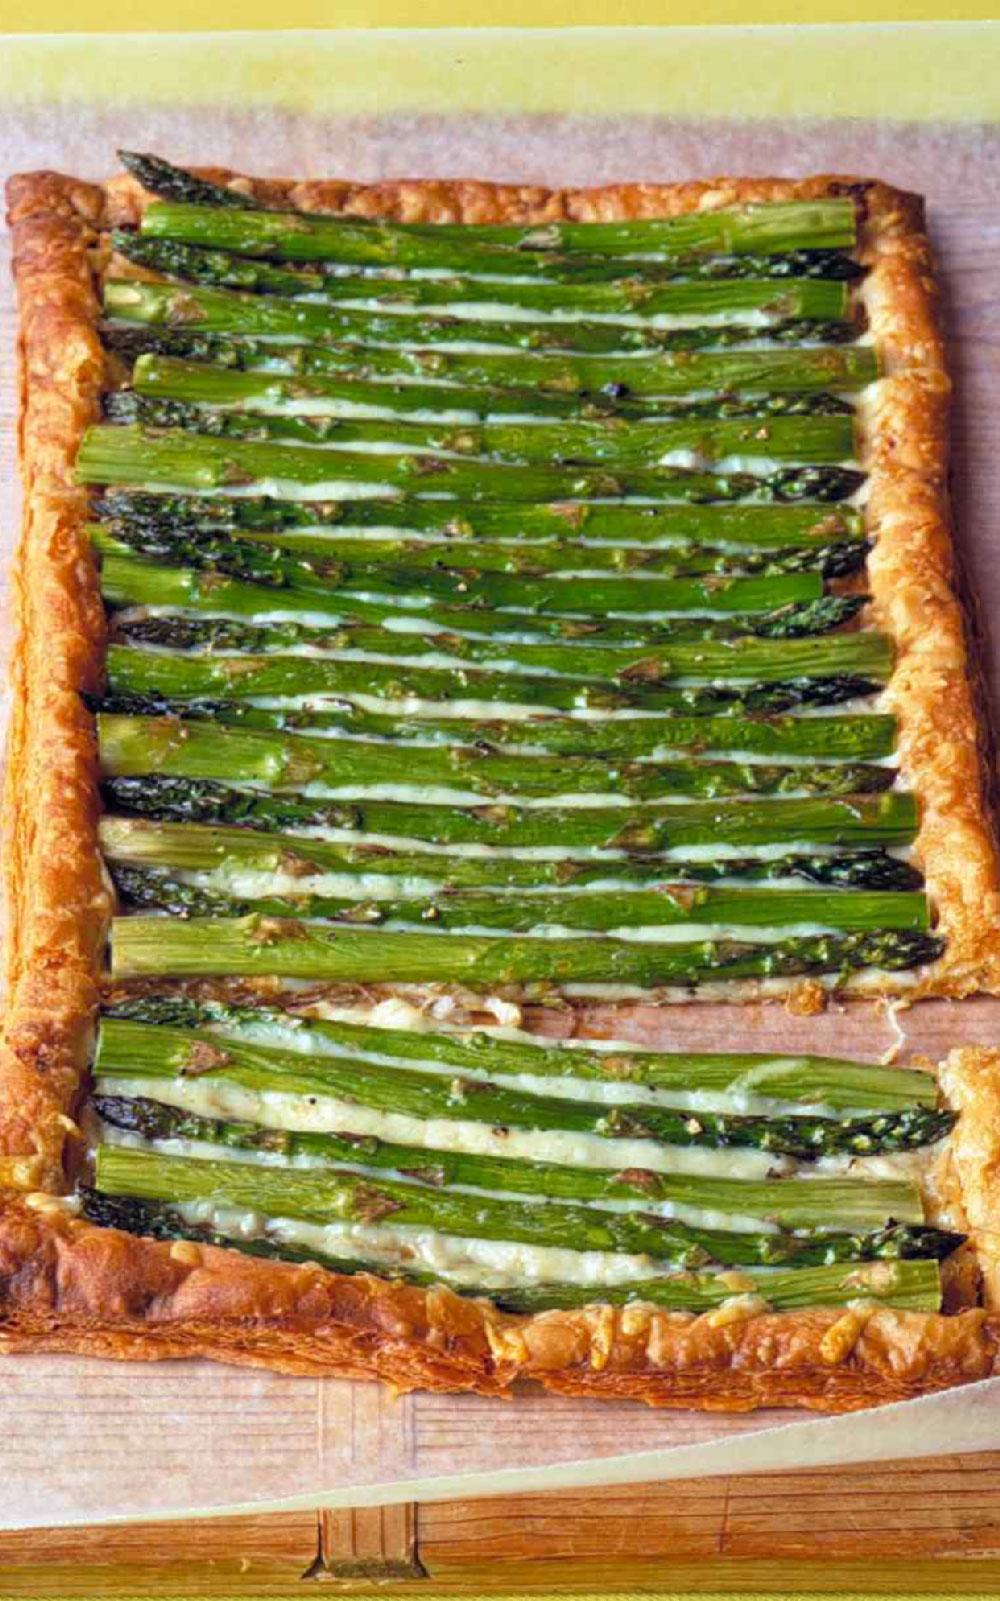 asparagustart